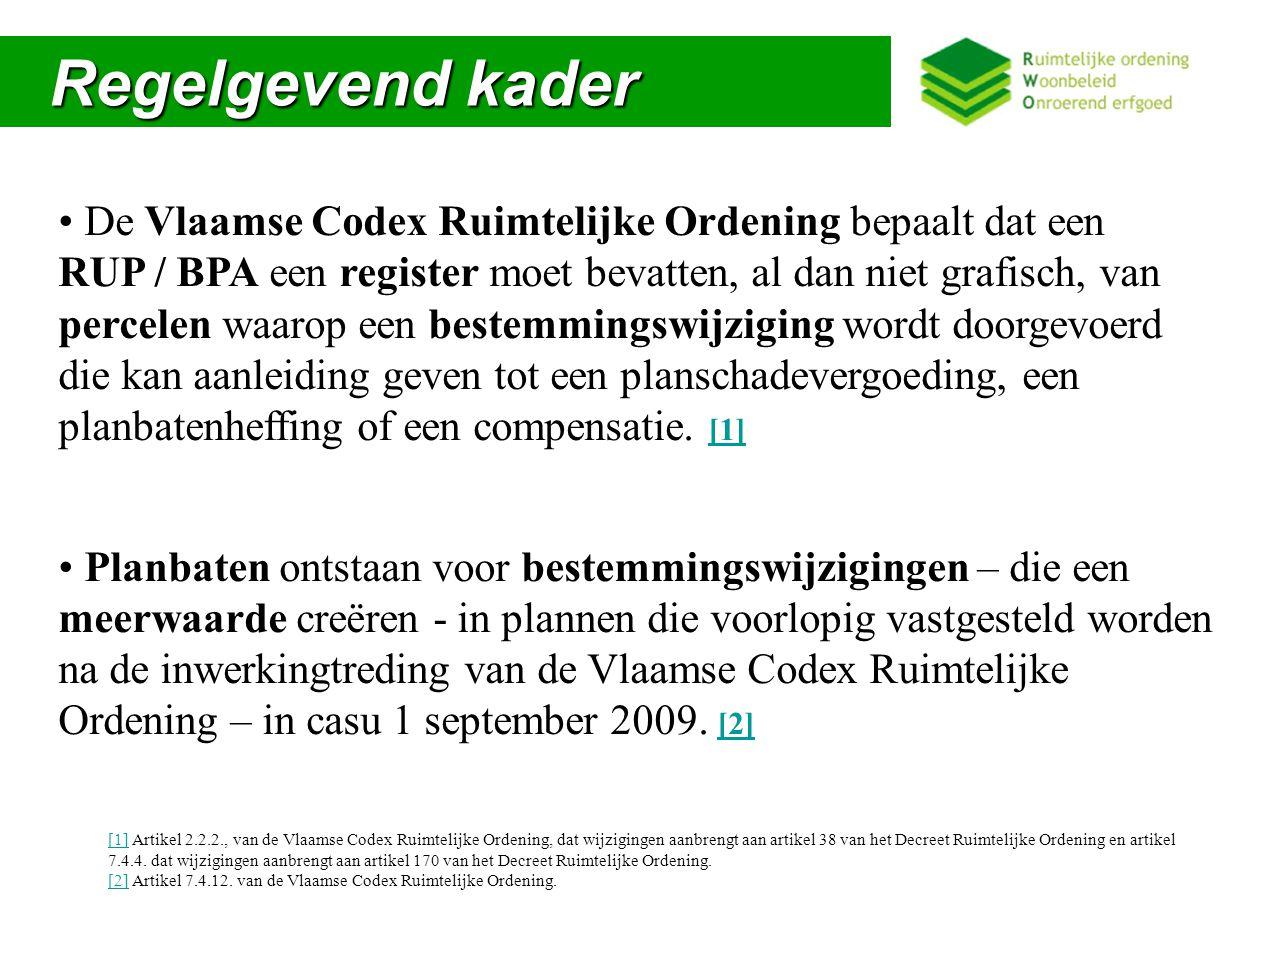 Regelgevend kader Regelgevend kader De Vlaamse Codex Ruimtelijke Ordening bepaalt dat een RUP / BPA een register moet bevatten, al dan niet grafisch, van percelen waarop een bestemmingswijziging wordt doorgevoerd die kan aanleiding geven tot een planschadevergoeding, een planbatenheffing of een compensatie.